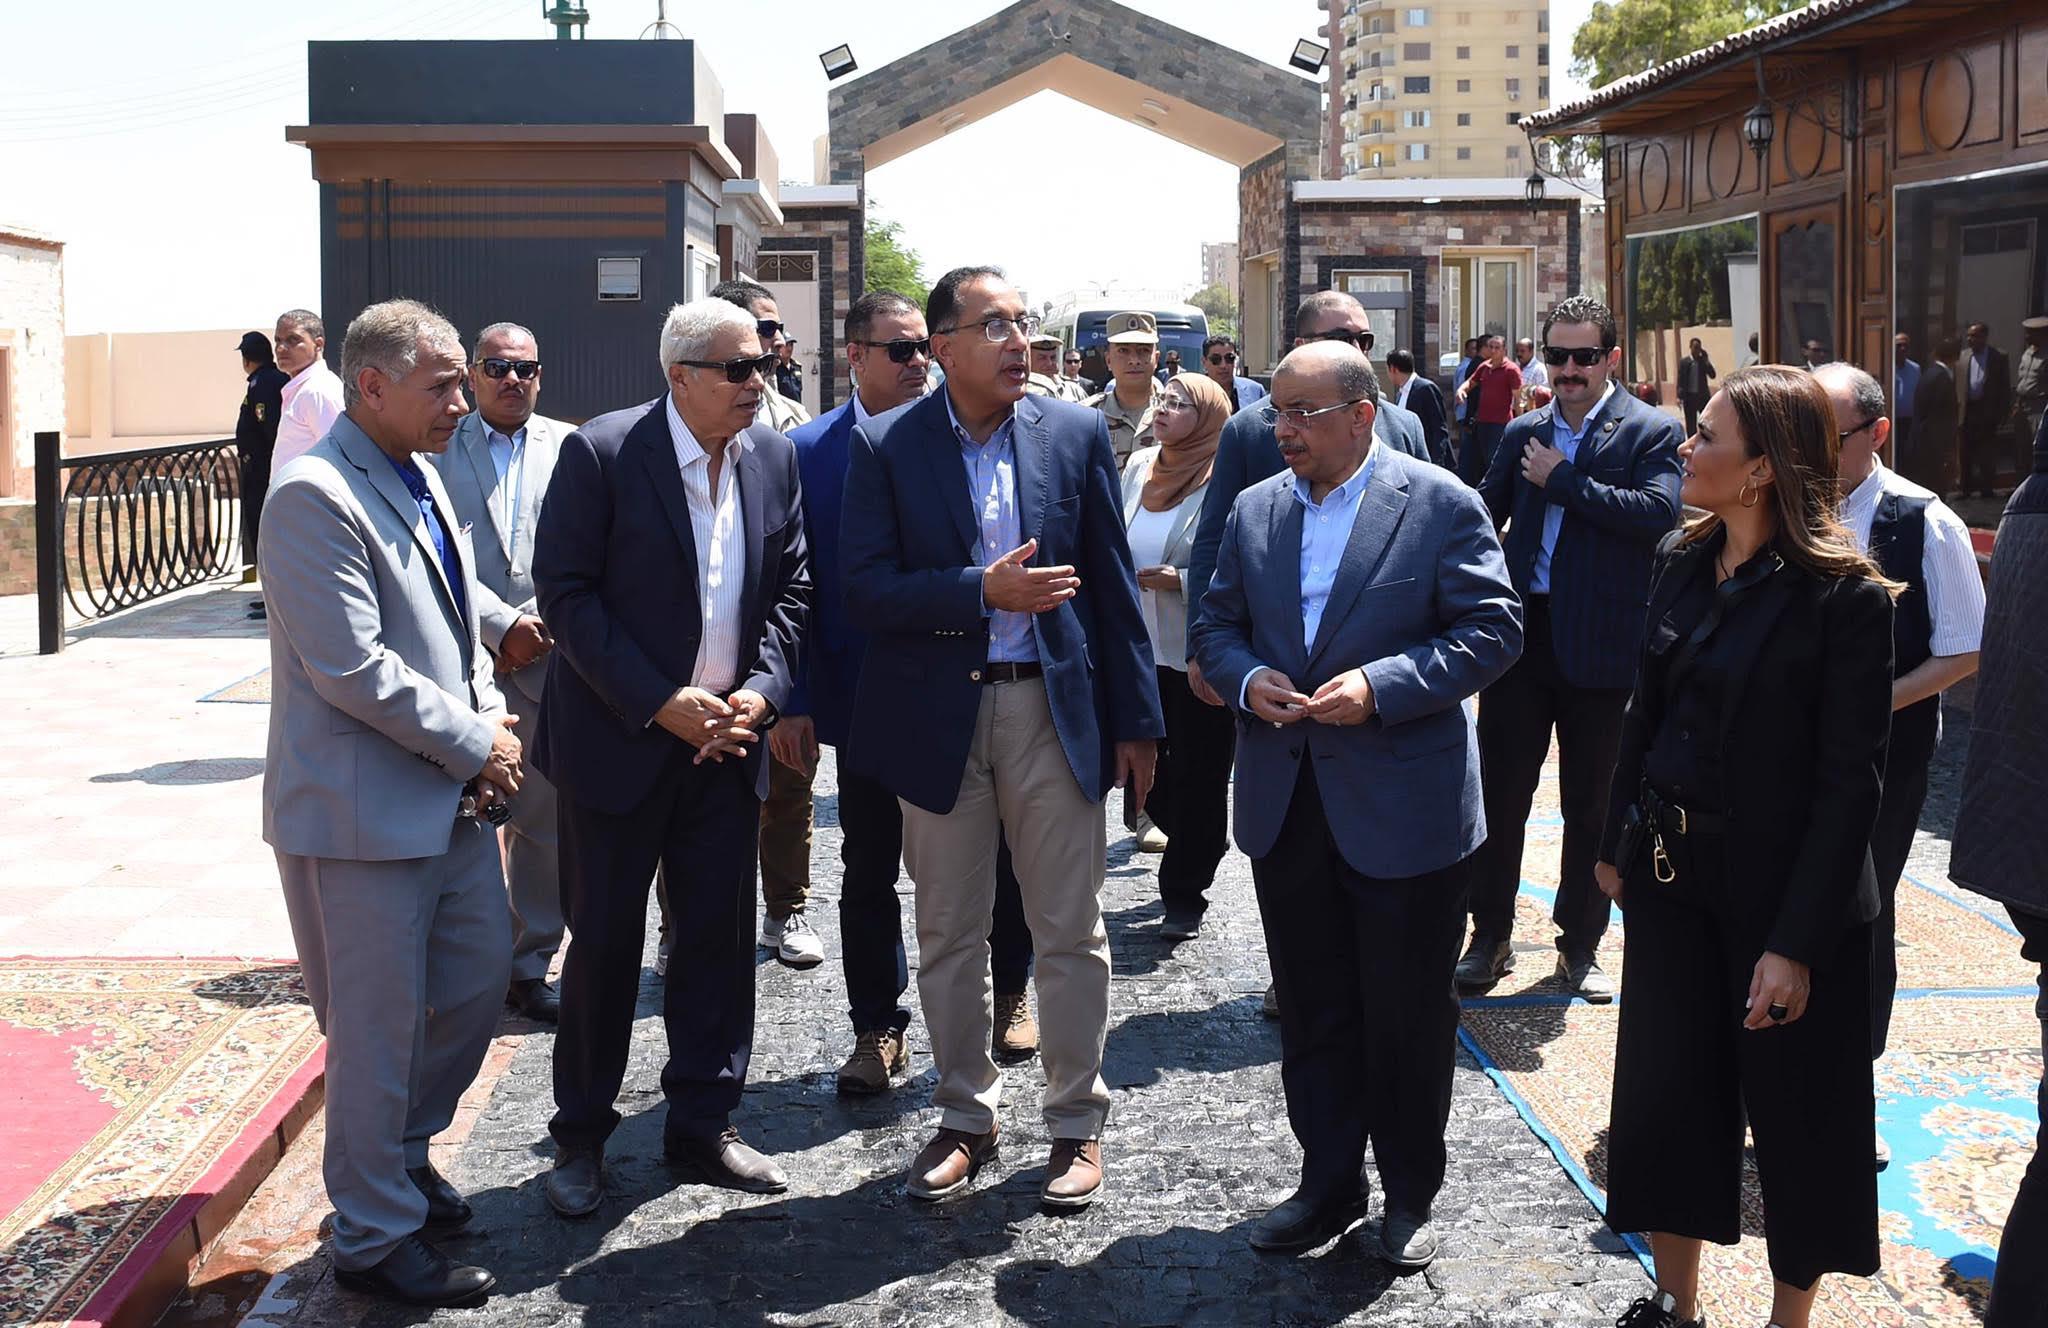 رئيس الوزراء يتفقد مشروع شارع مصر  ويطالب بالاهتمام بالنظافة والصيانة